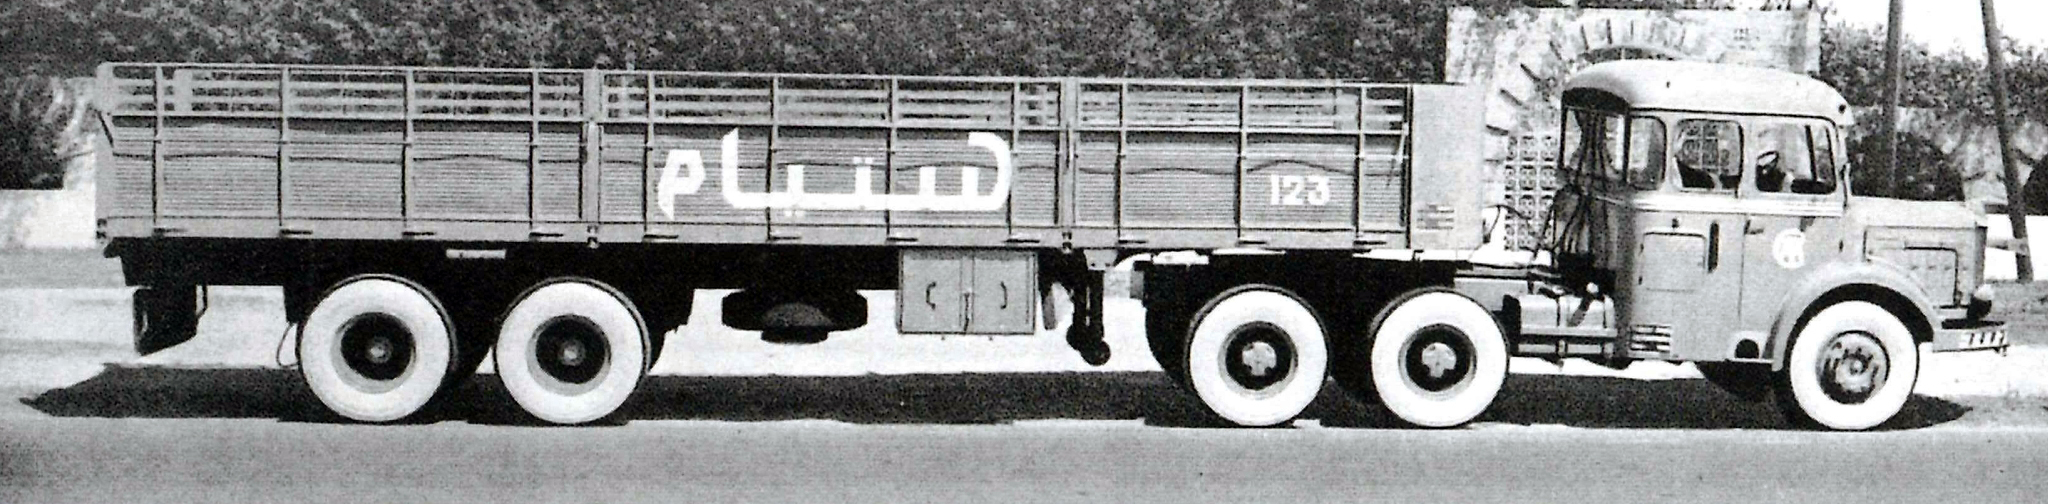 Transport Routier au Maroc - Histoire 49771857041_48ffbbeb8e_o_d